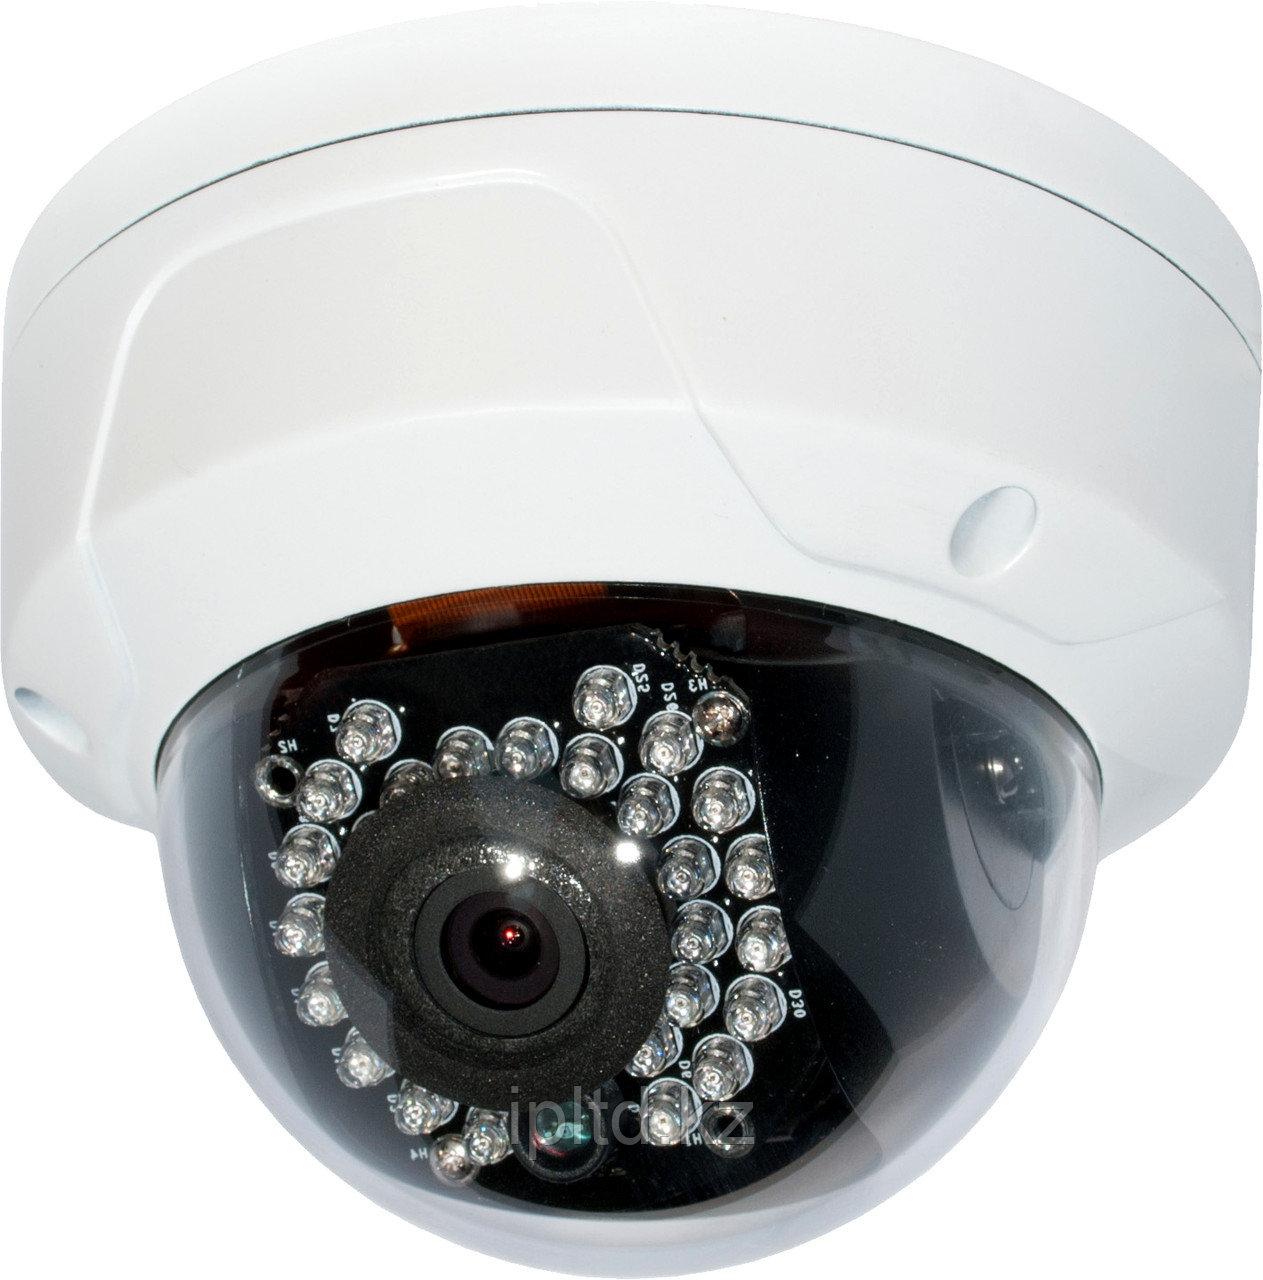 IP камера купольная Umbrella N218 3 Мп высокое качество изображения (IP видеонаблюдение)